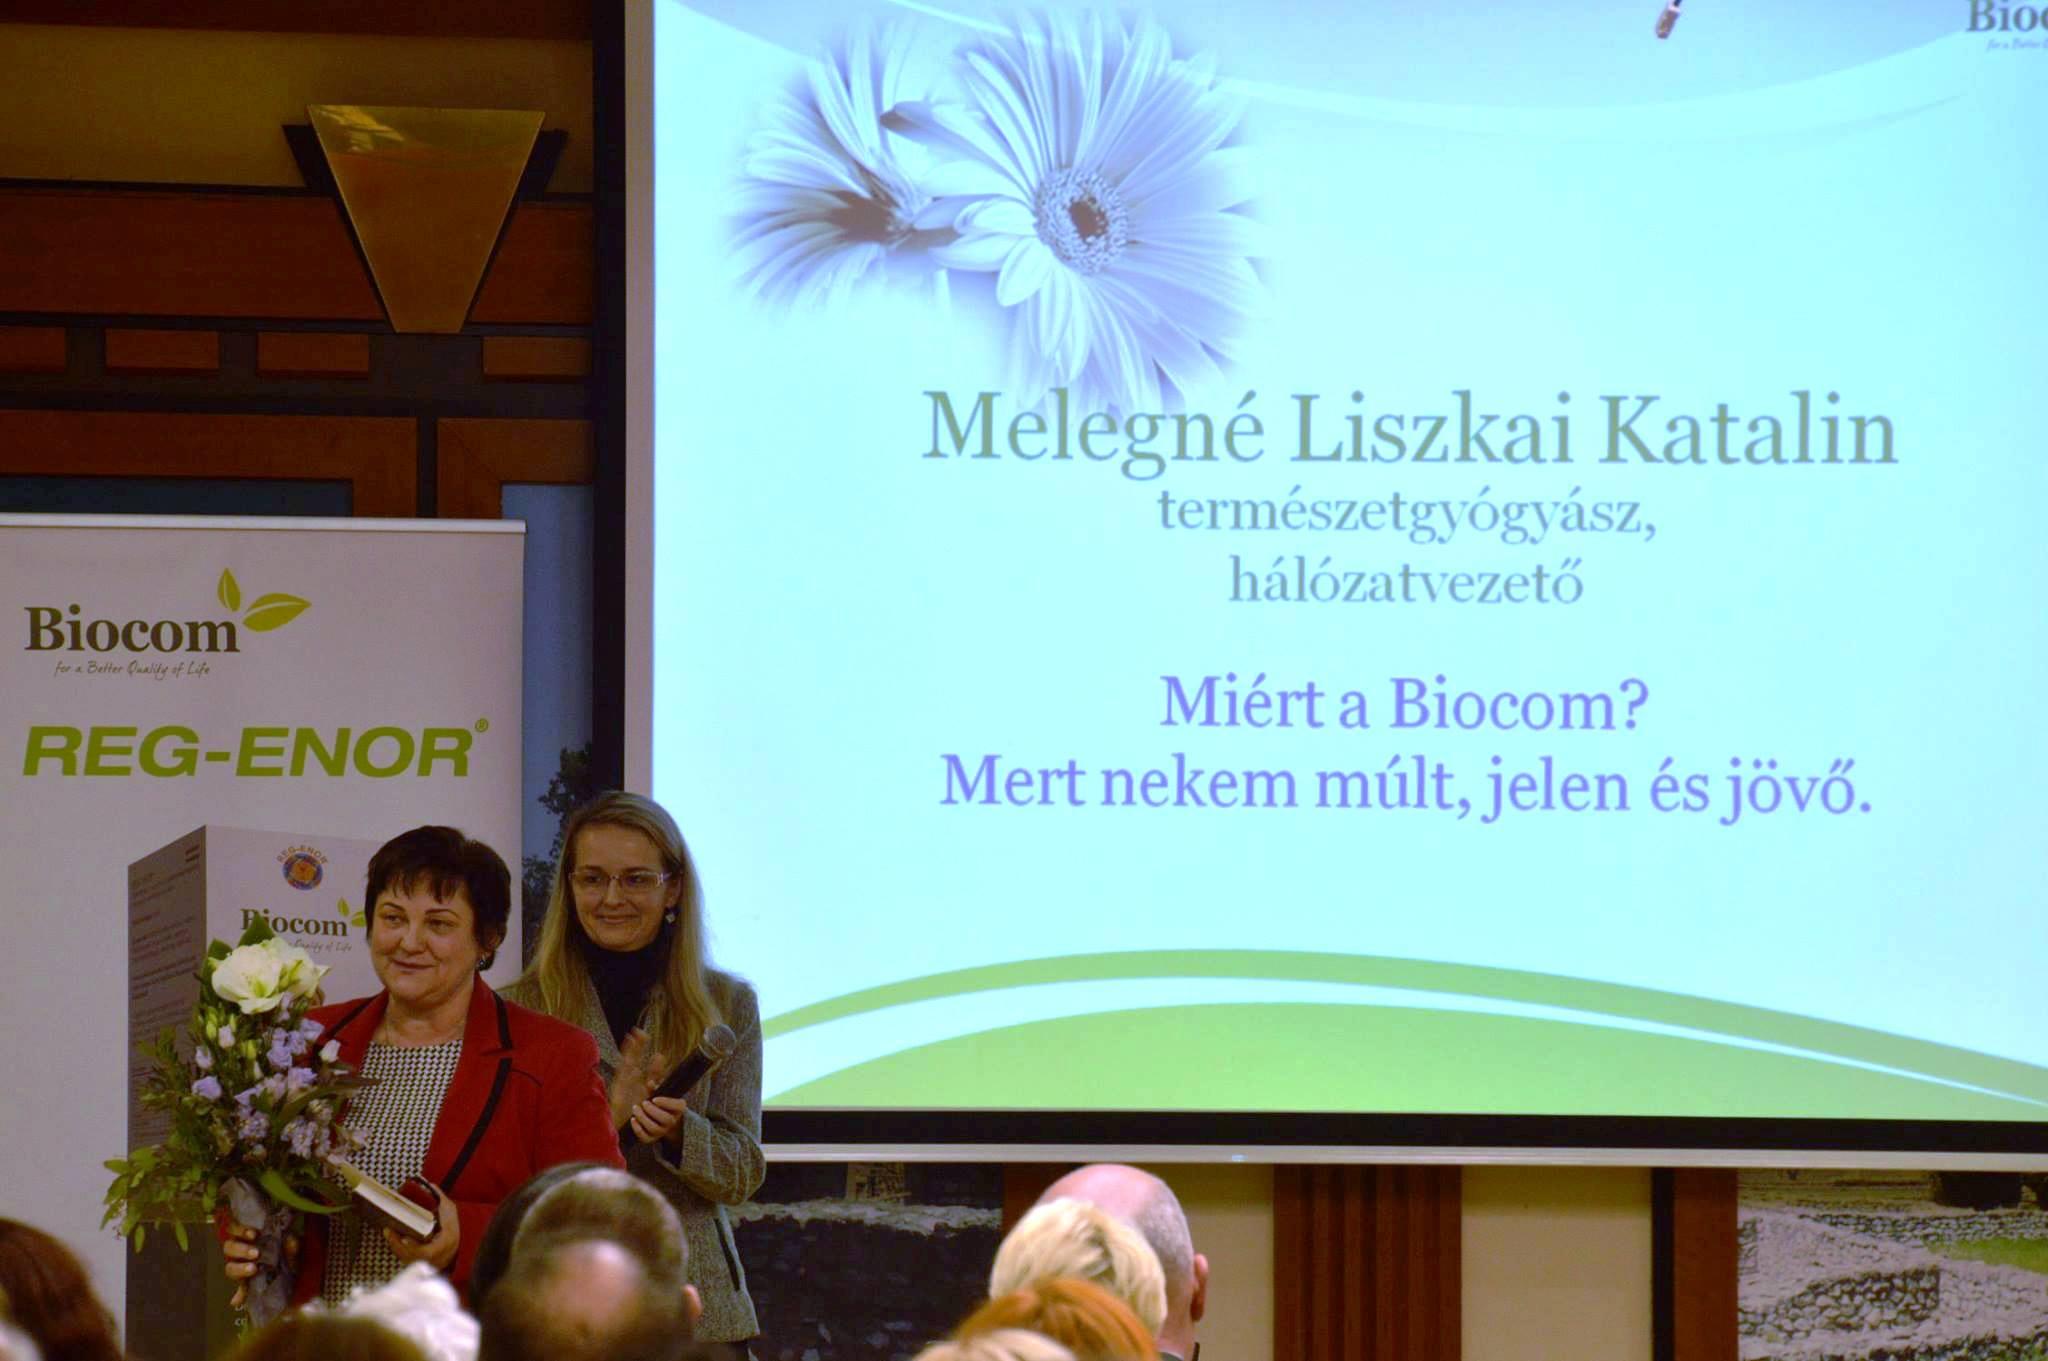 """Melegné Liszkai Katalin, a """"Tündérkeresztanya"""" amellett, hogy sok ágon segít a Sinka-Gyuris csapatban, már önálló HV-ként is dolgozik"""